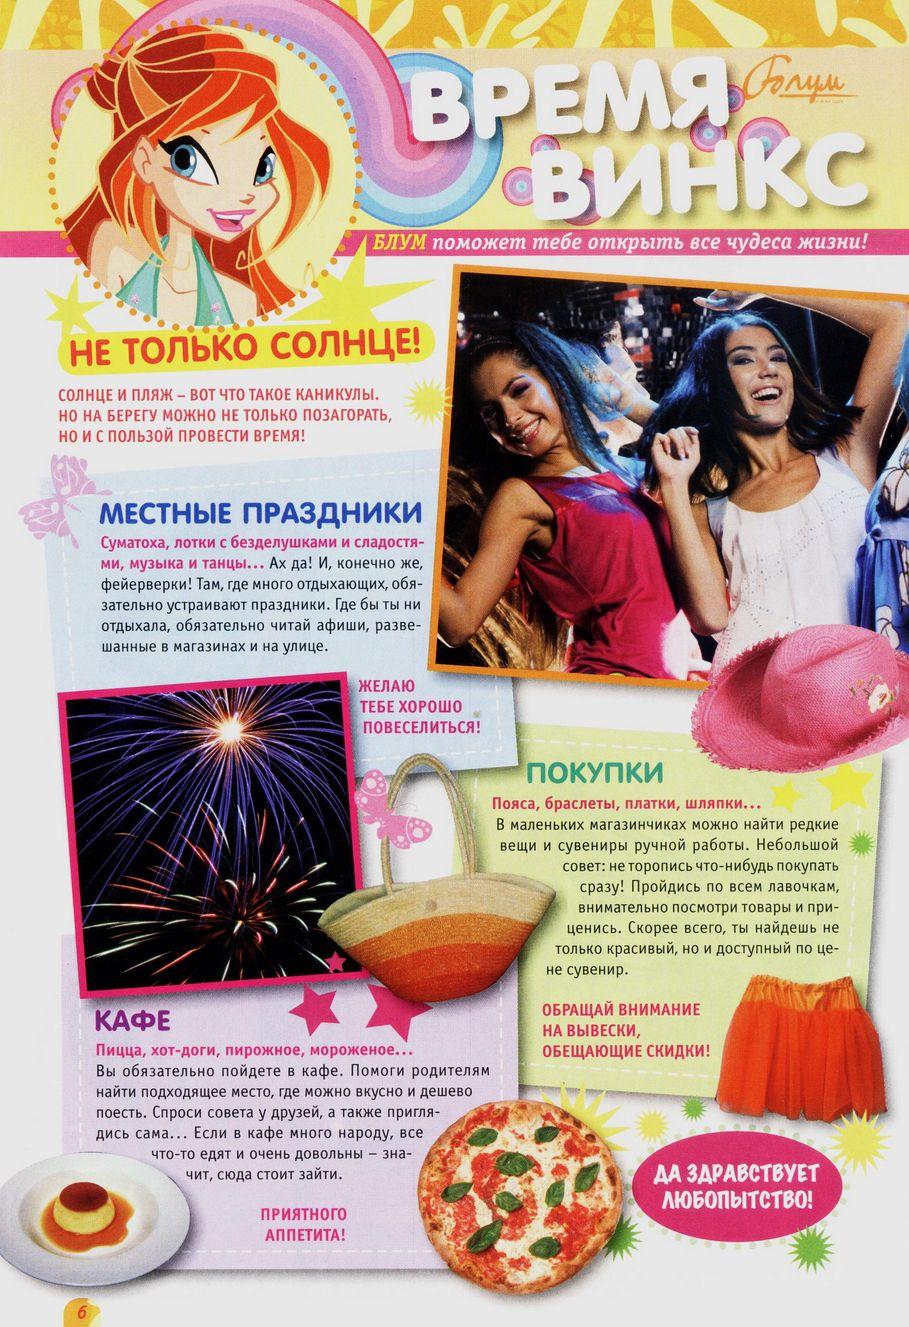 Комикс Винкс Winx - Надежда и разочарование (Журнал Винкс №5 2011) - стр. 6